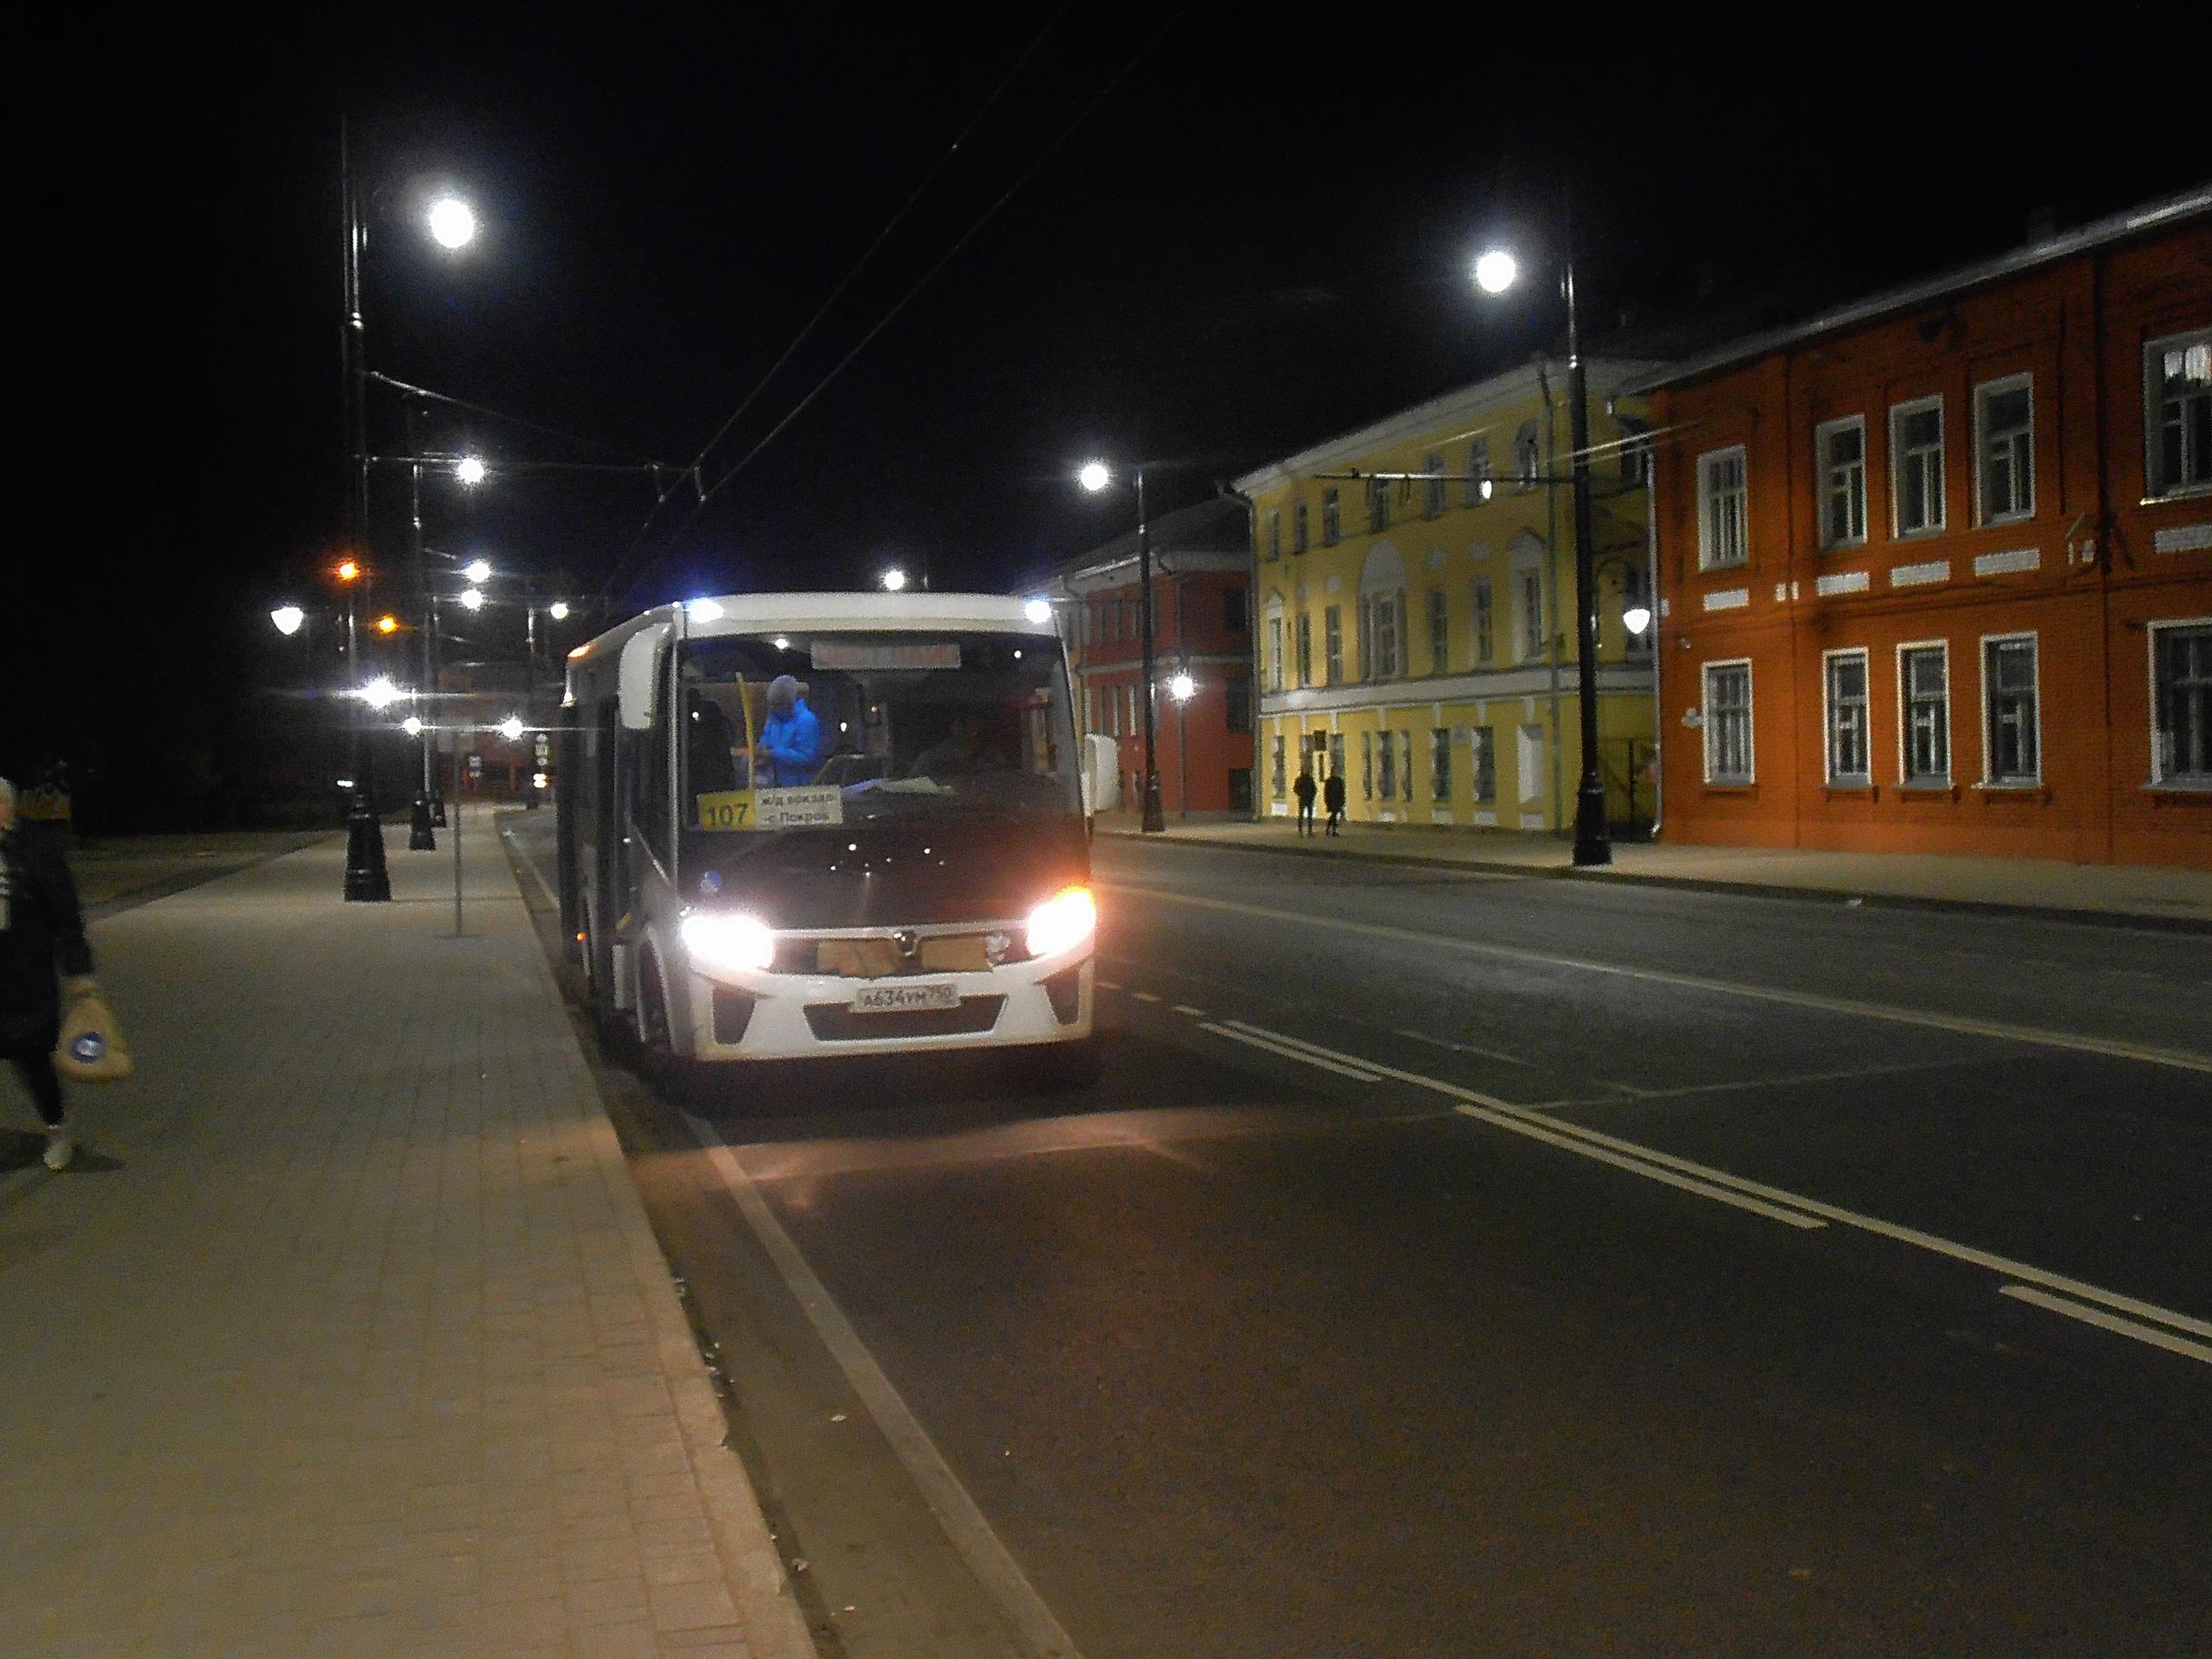 Автобус №107